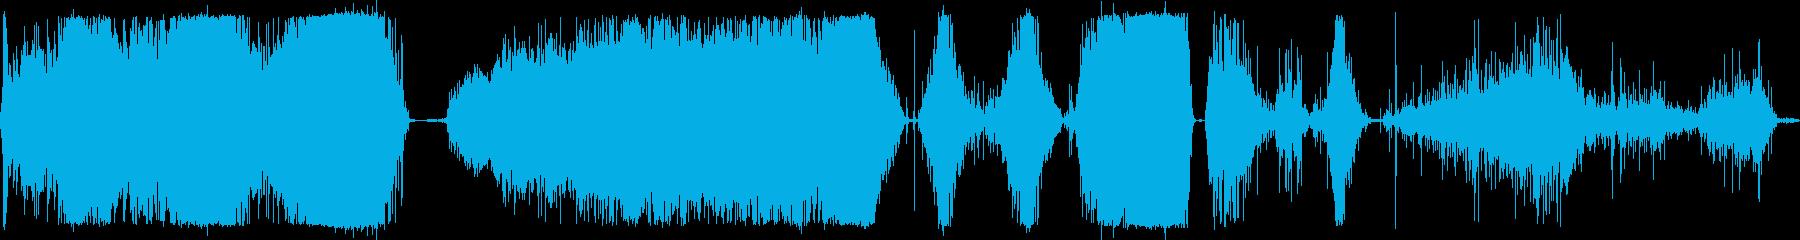 芝刈り機プッシュガラガラの再生済みの波形